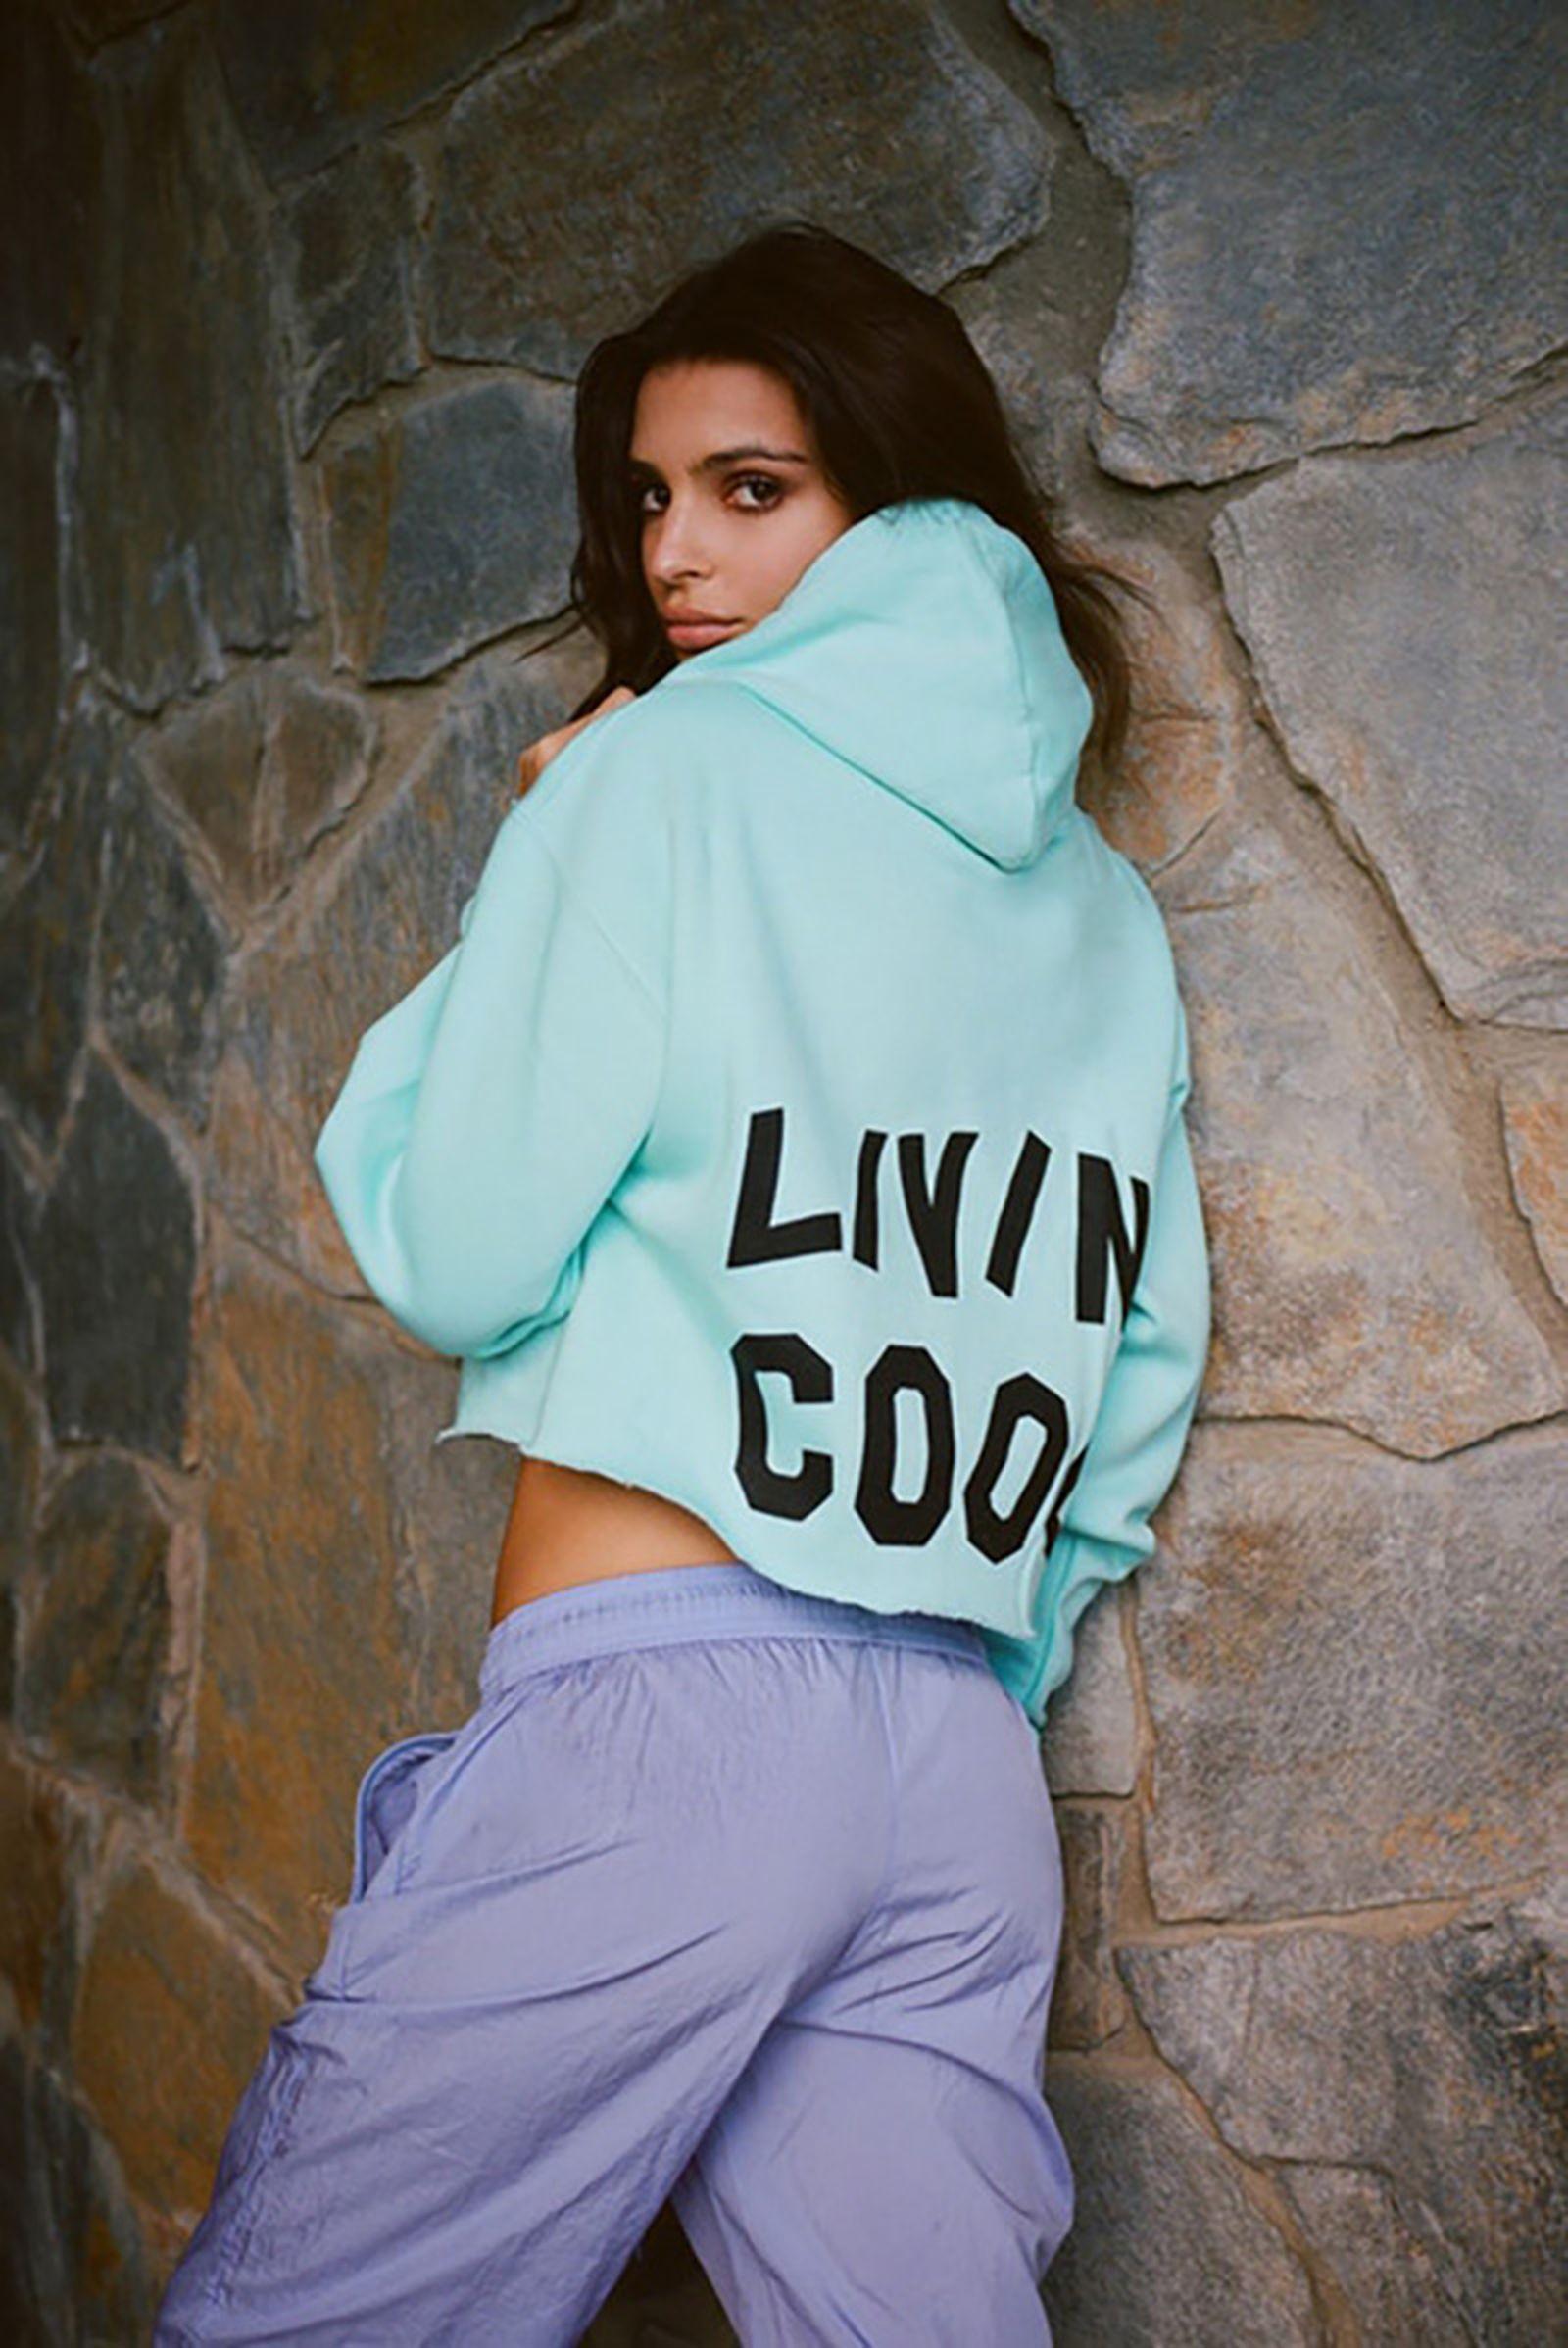 LivingCool02